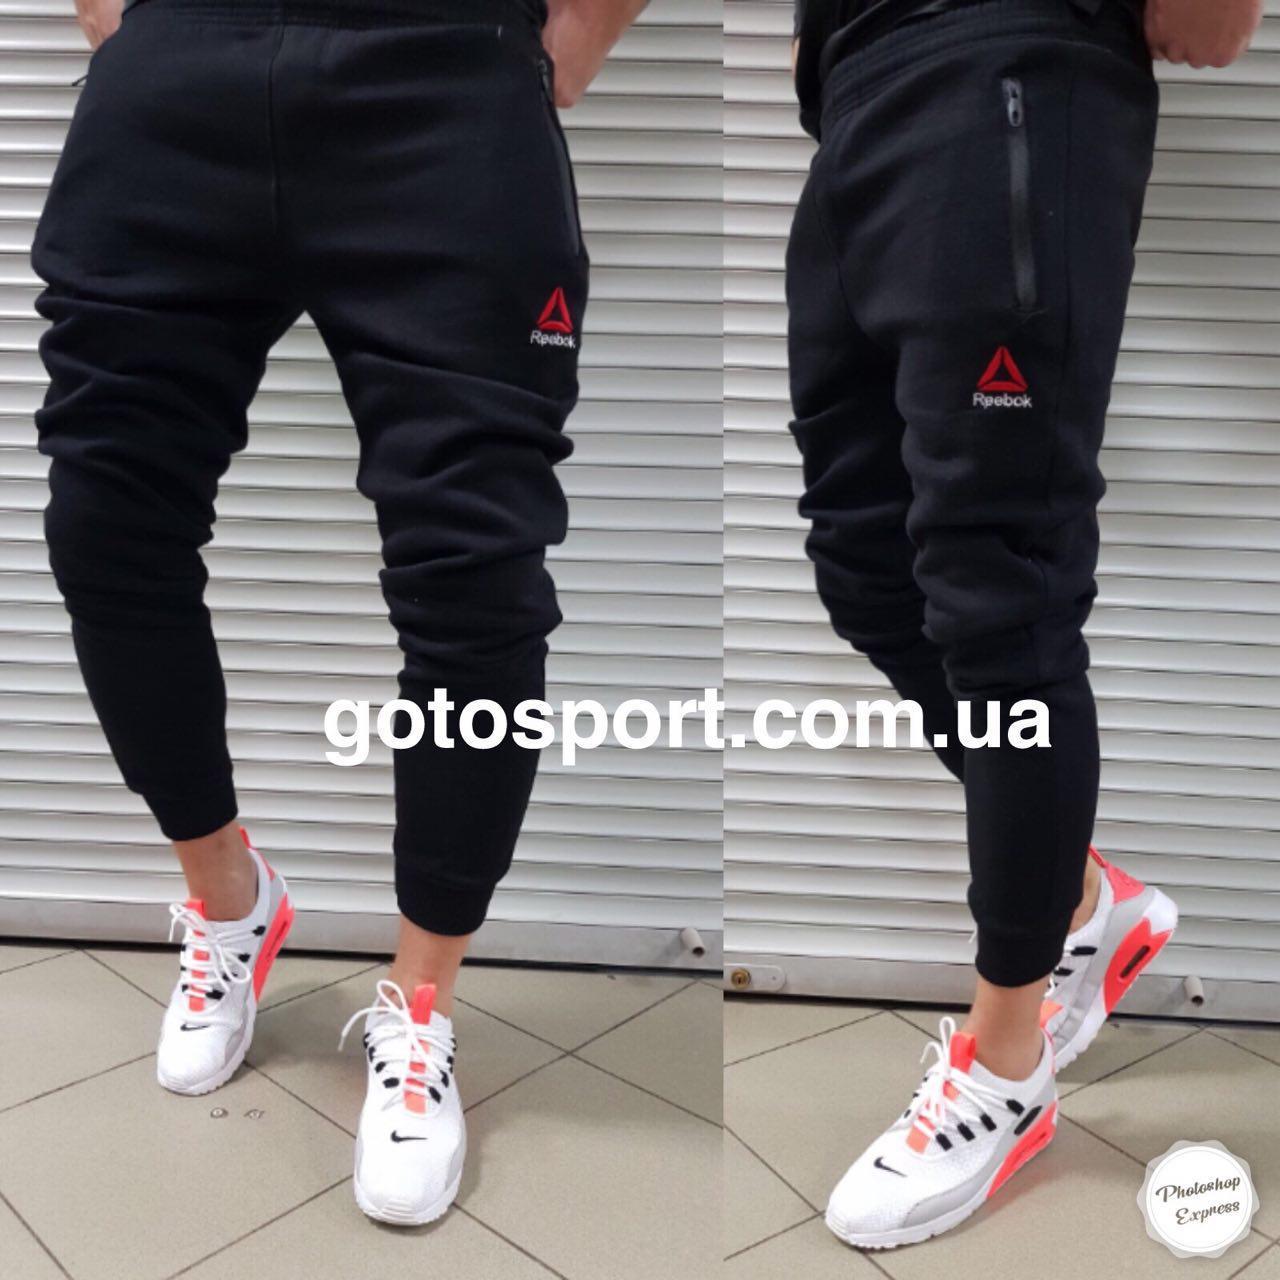 Теплые мужские спортивные штаны Reebok Winter